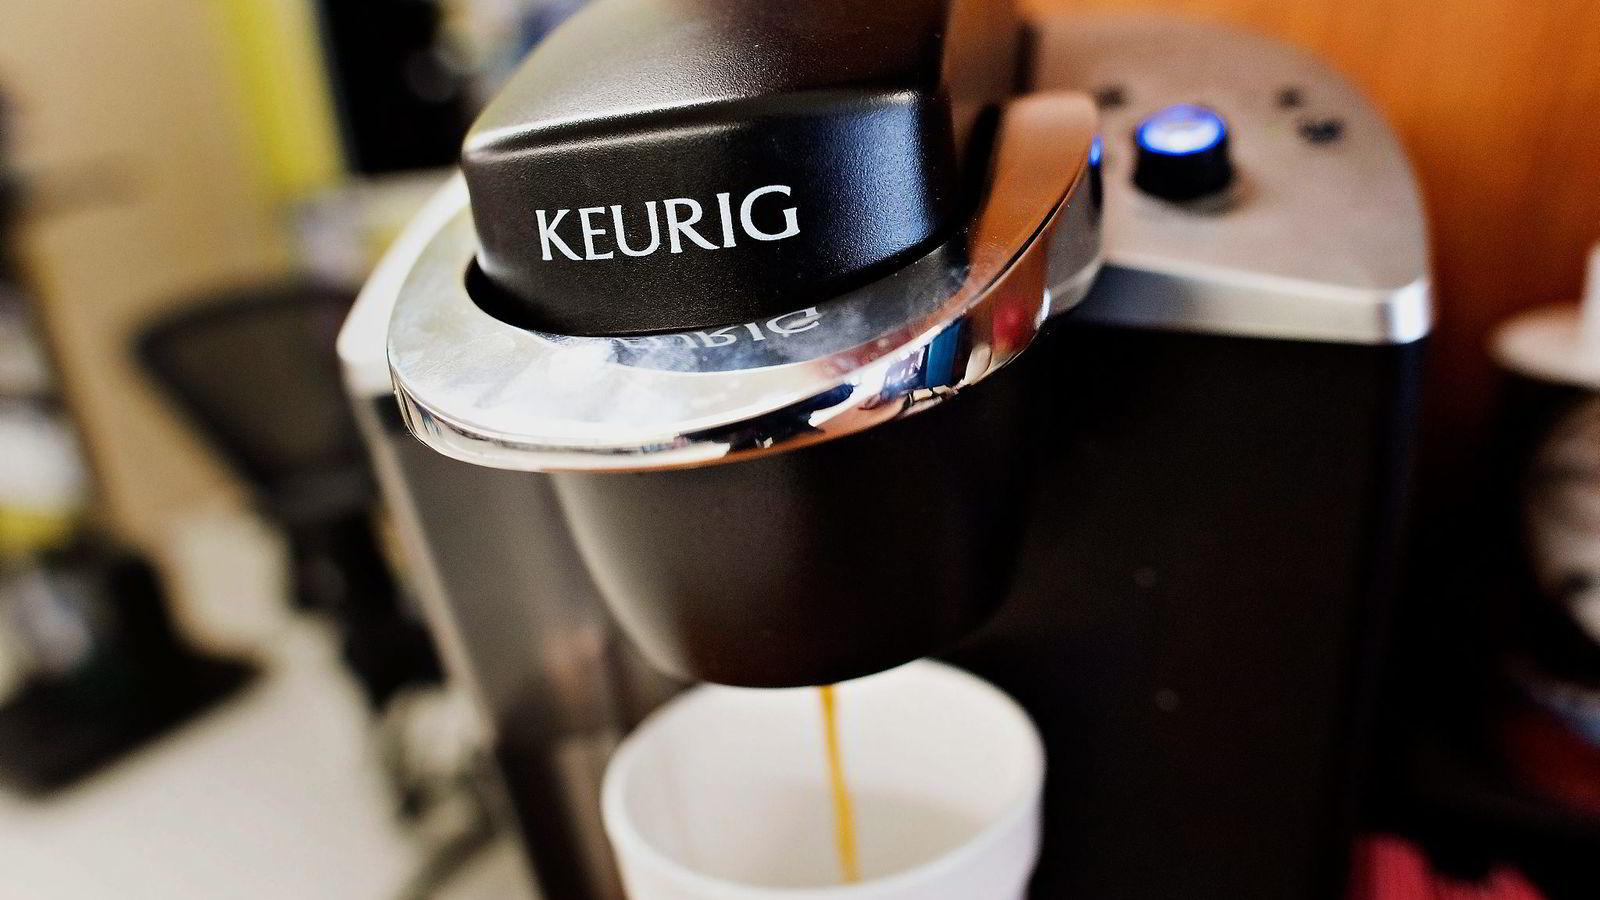 Bak oppkjøpet av Keurig Green Mountain står kaffegigantene Jacobs Douwe Egberts, DE Master Blenders 1753 og kaffevirksomheten i Mondelez. Foto: Daniel Acker,